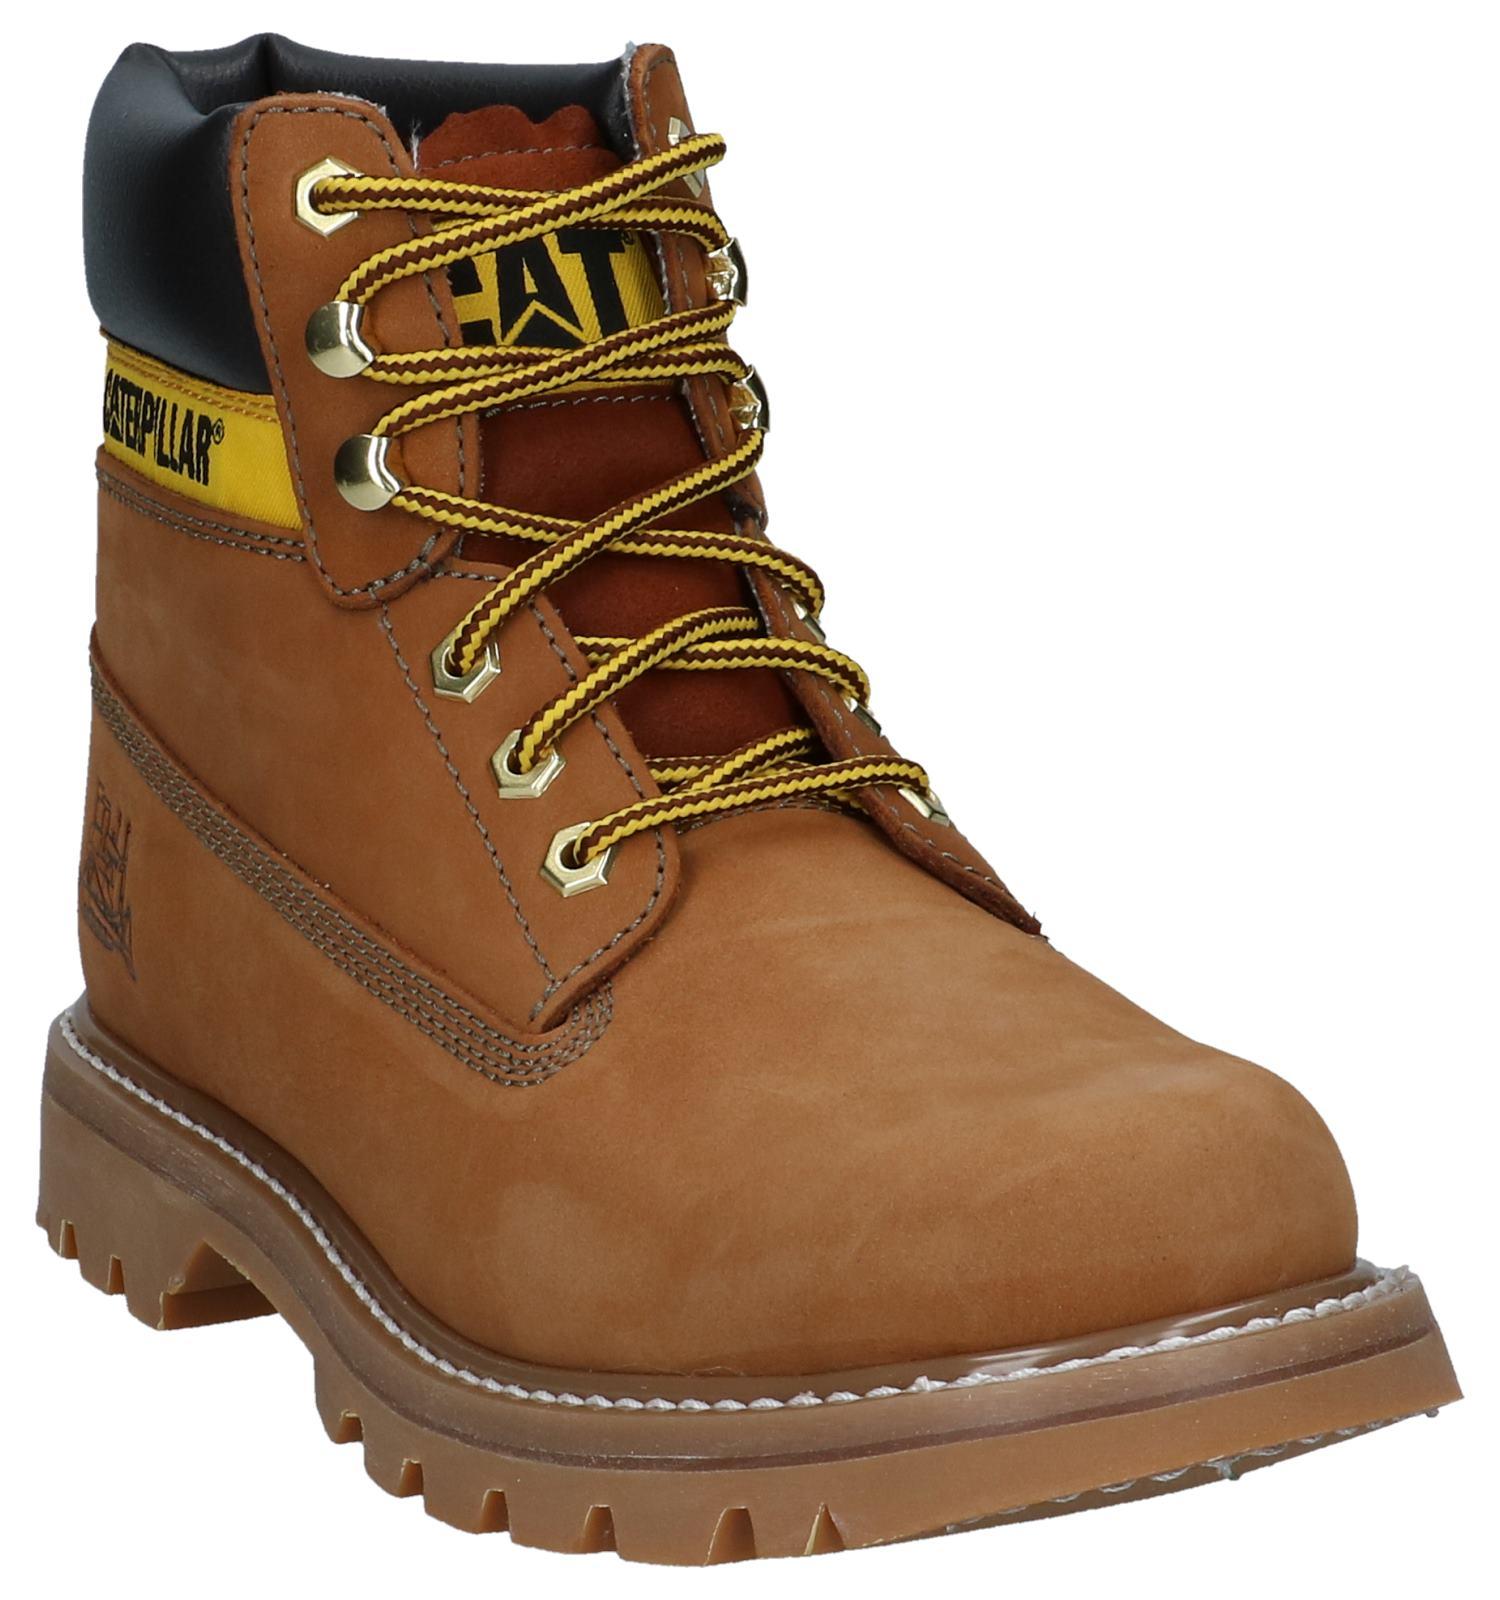 3b0dcf7f007 Caterpillar Colorado Boots Bruin   TORFS.BE   Gratis verzend en retour